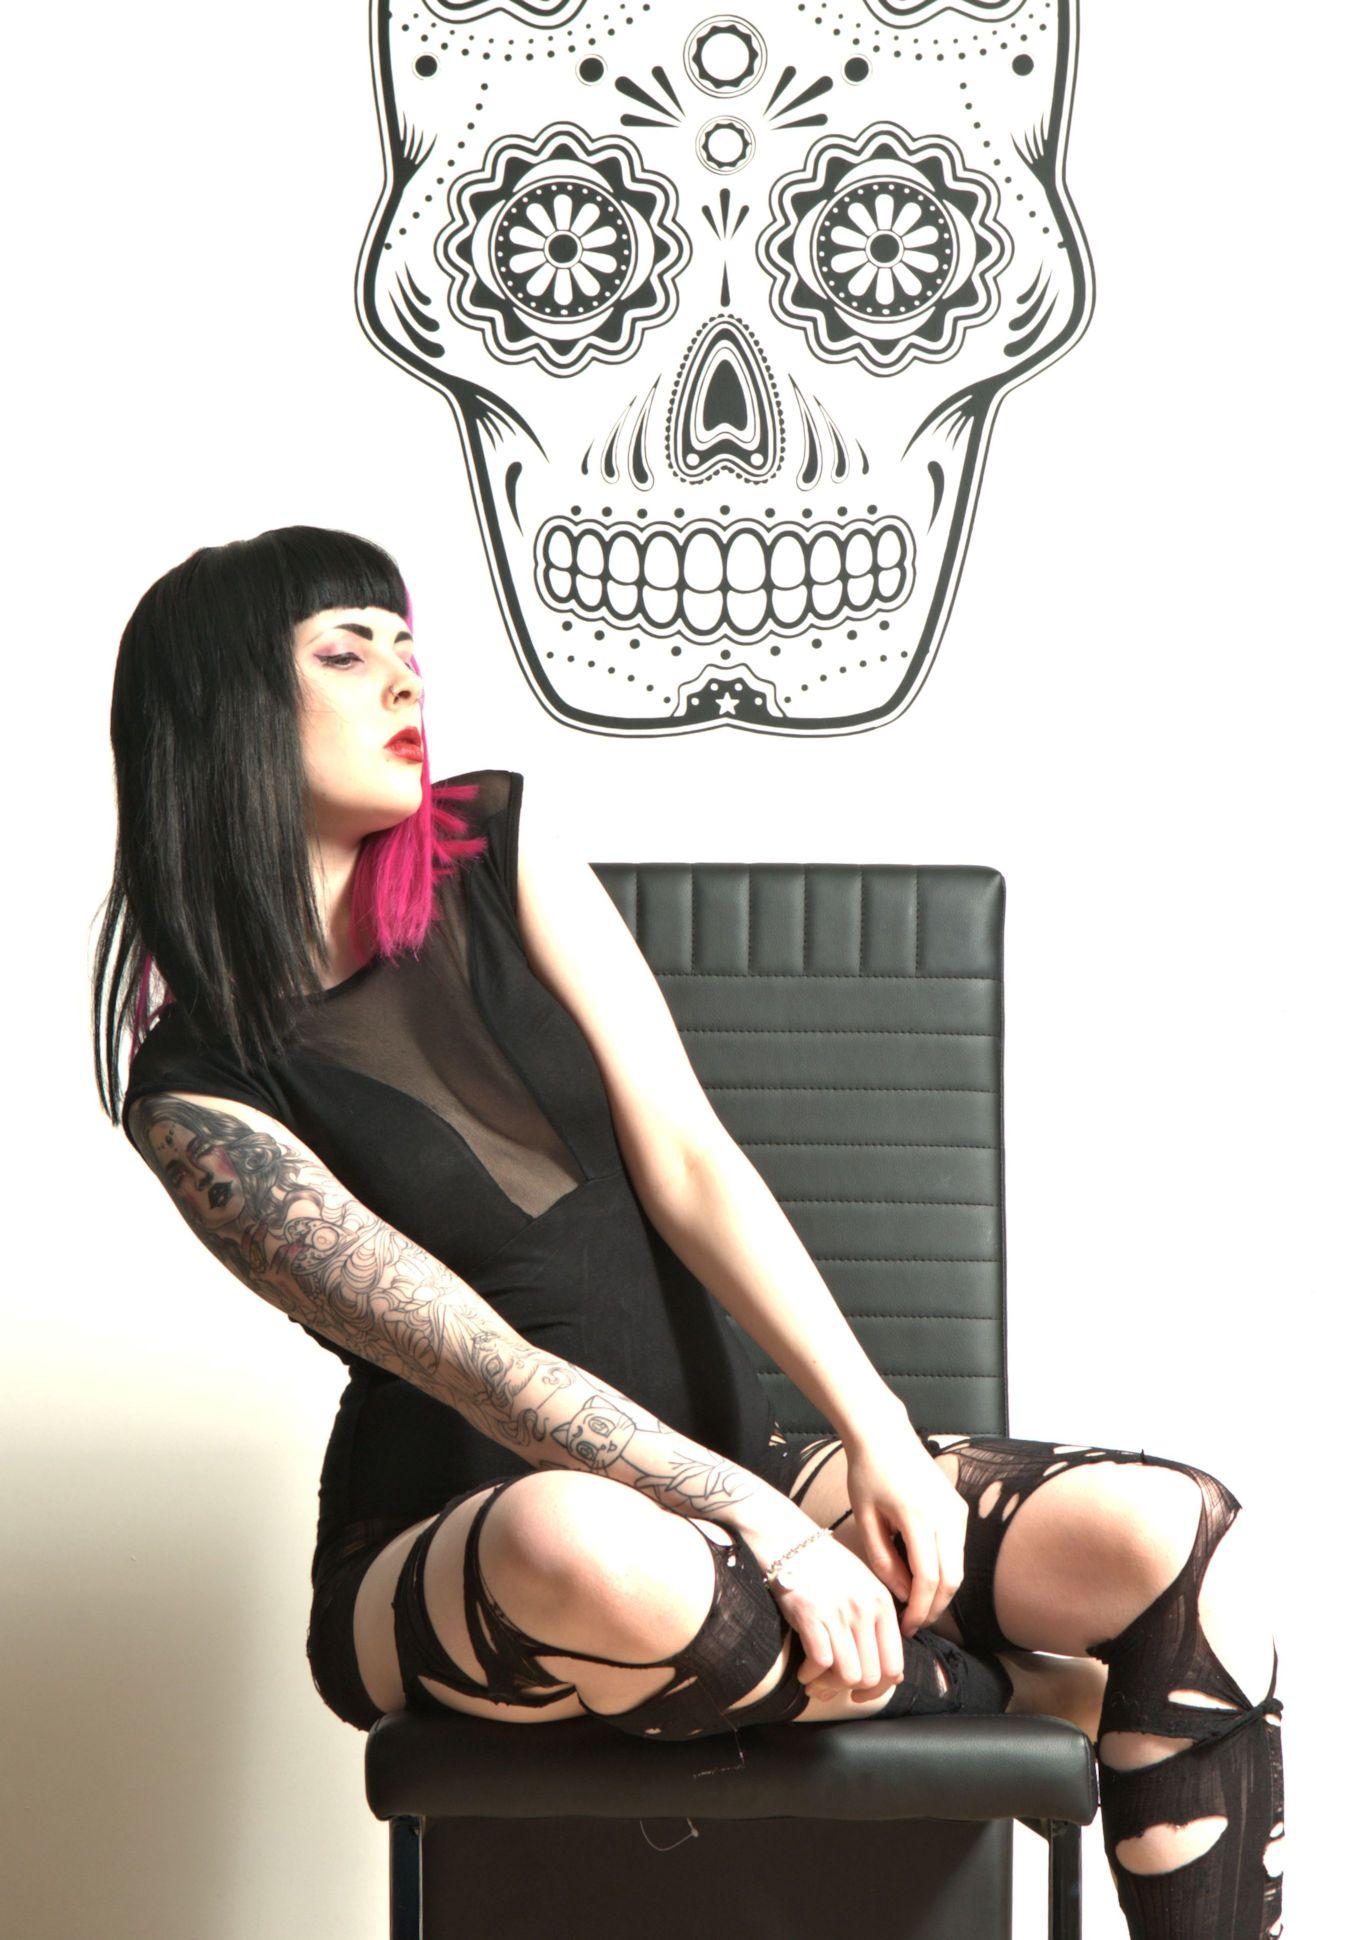 Daisy Chainsaw Photo by Darkman Zenfoilo Photography